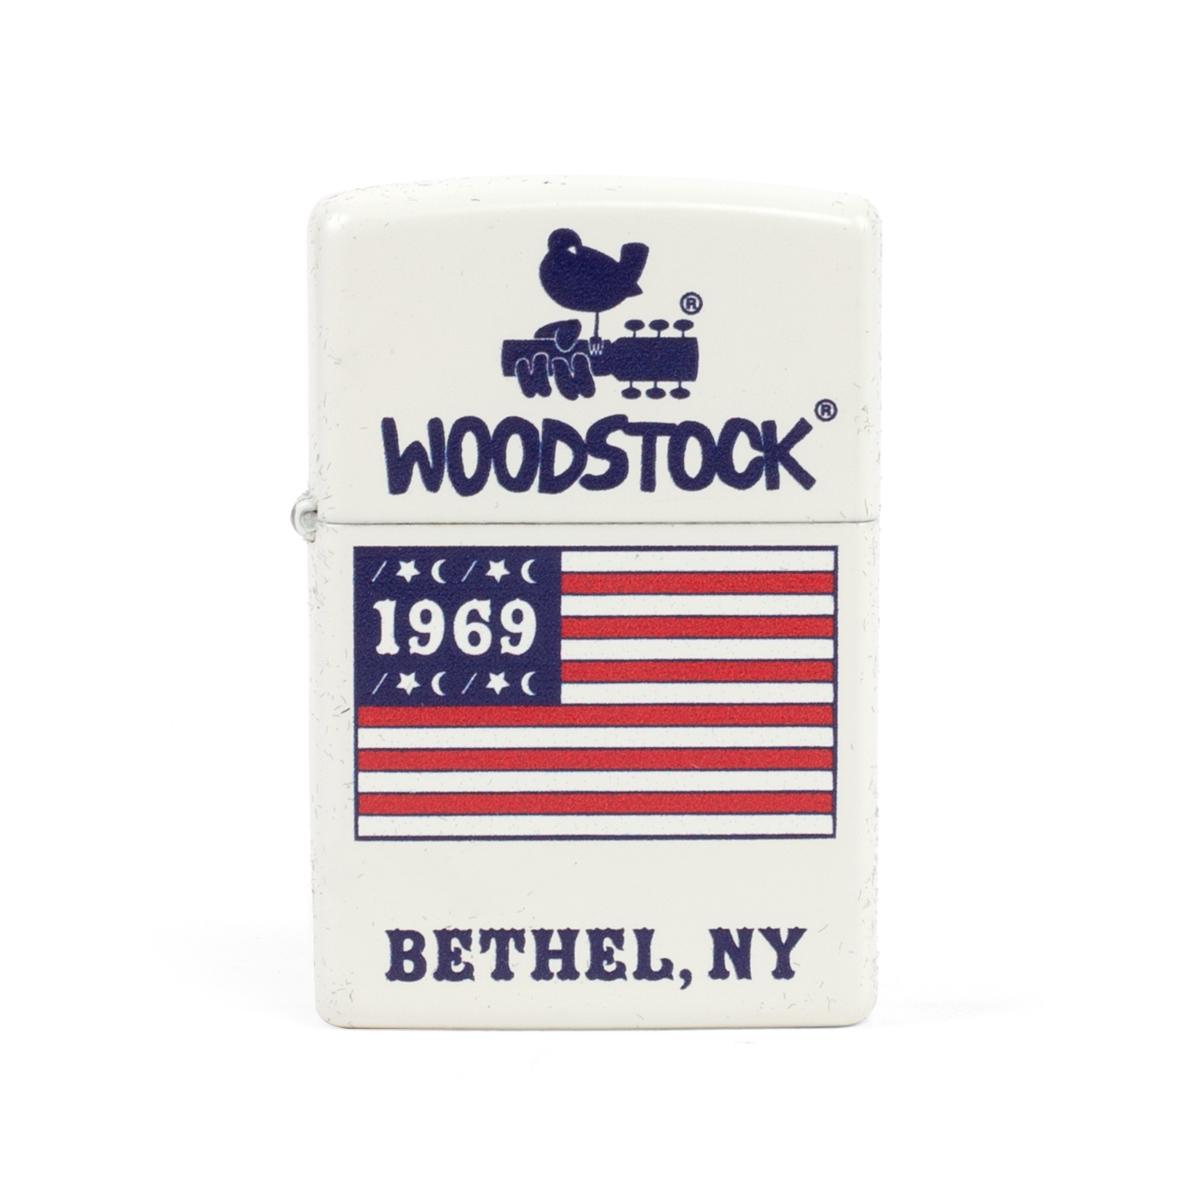 Woodstock Bethel, NY American Flag Logo Zippo